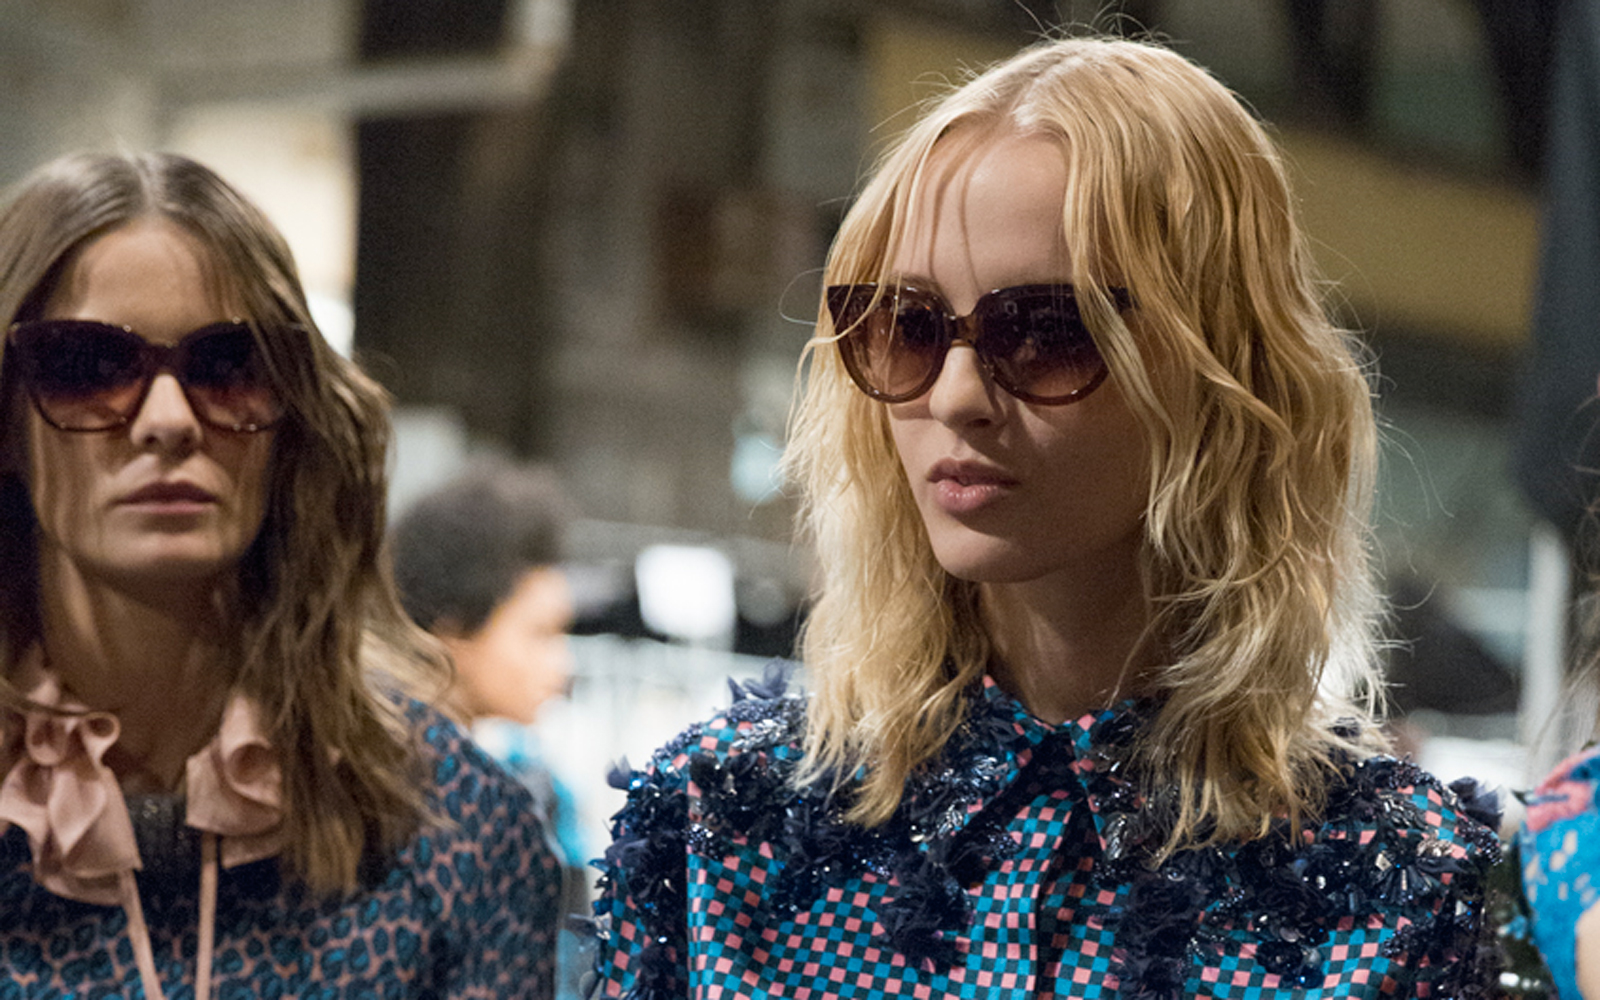 Trend capelli: onde morbide anni '70 | Silhouette Donna